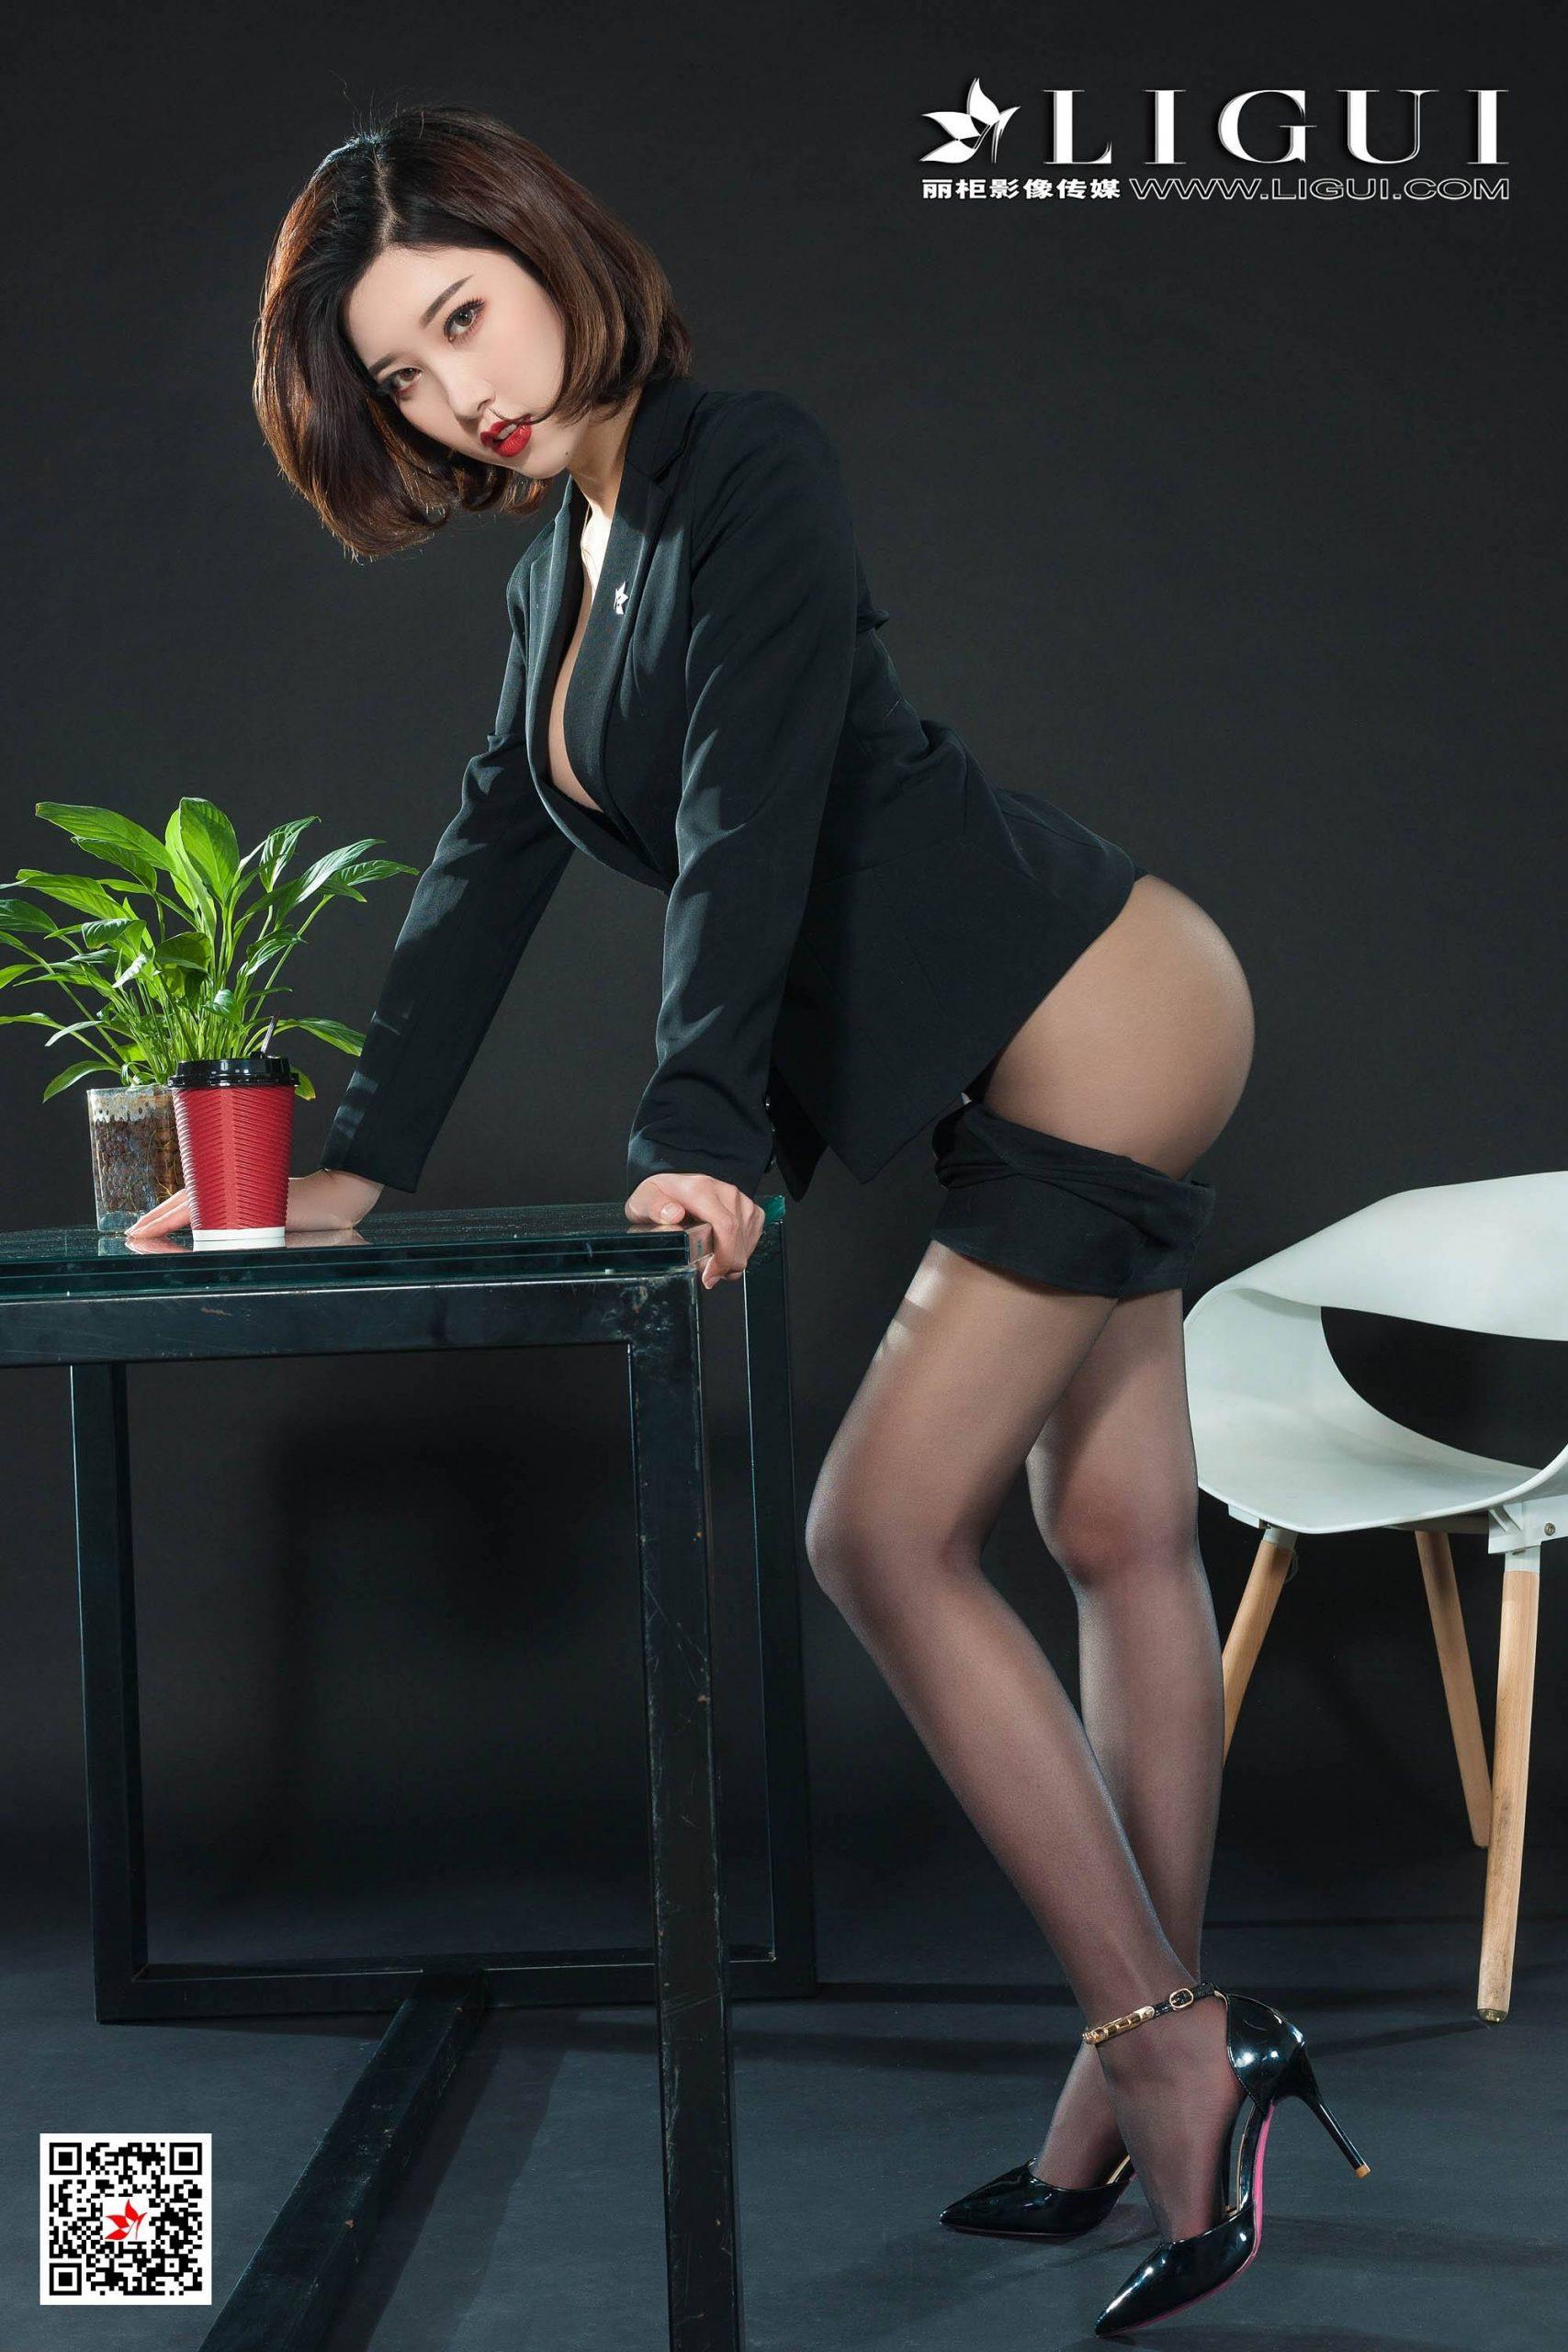 丽柜LIGUI第一美女筱筱写真+与雪糕直播